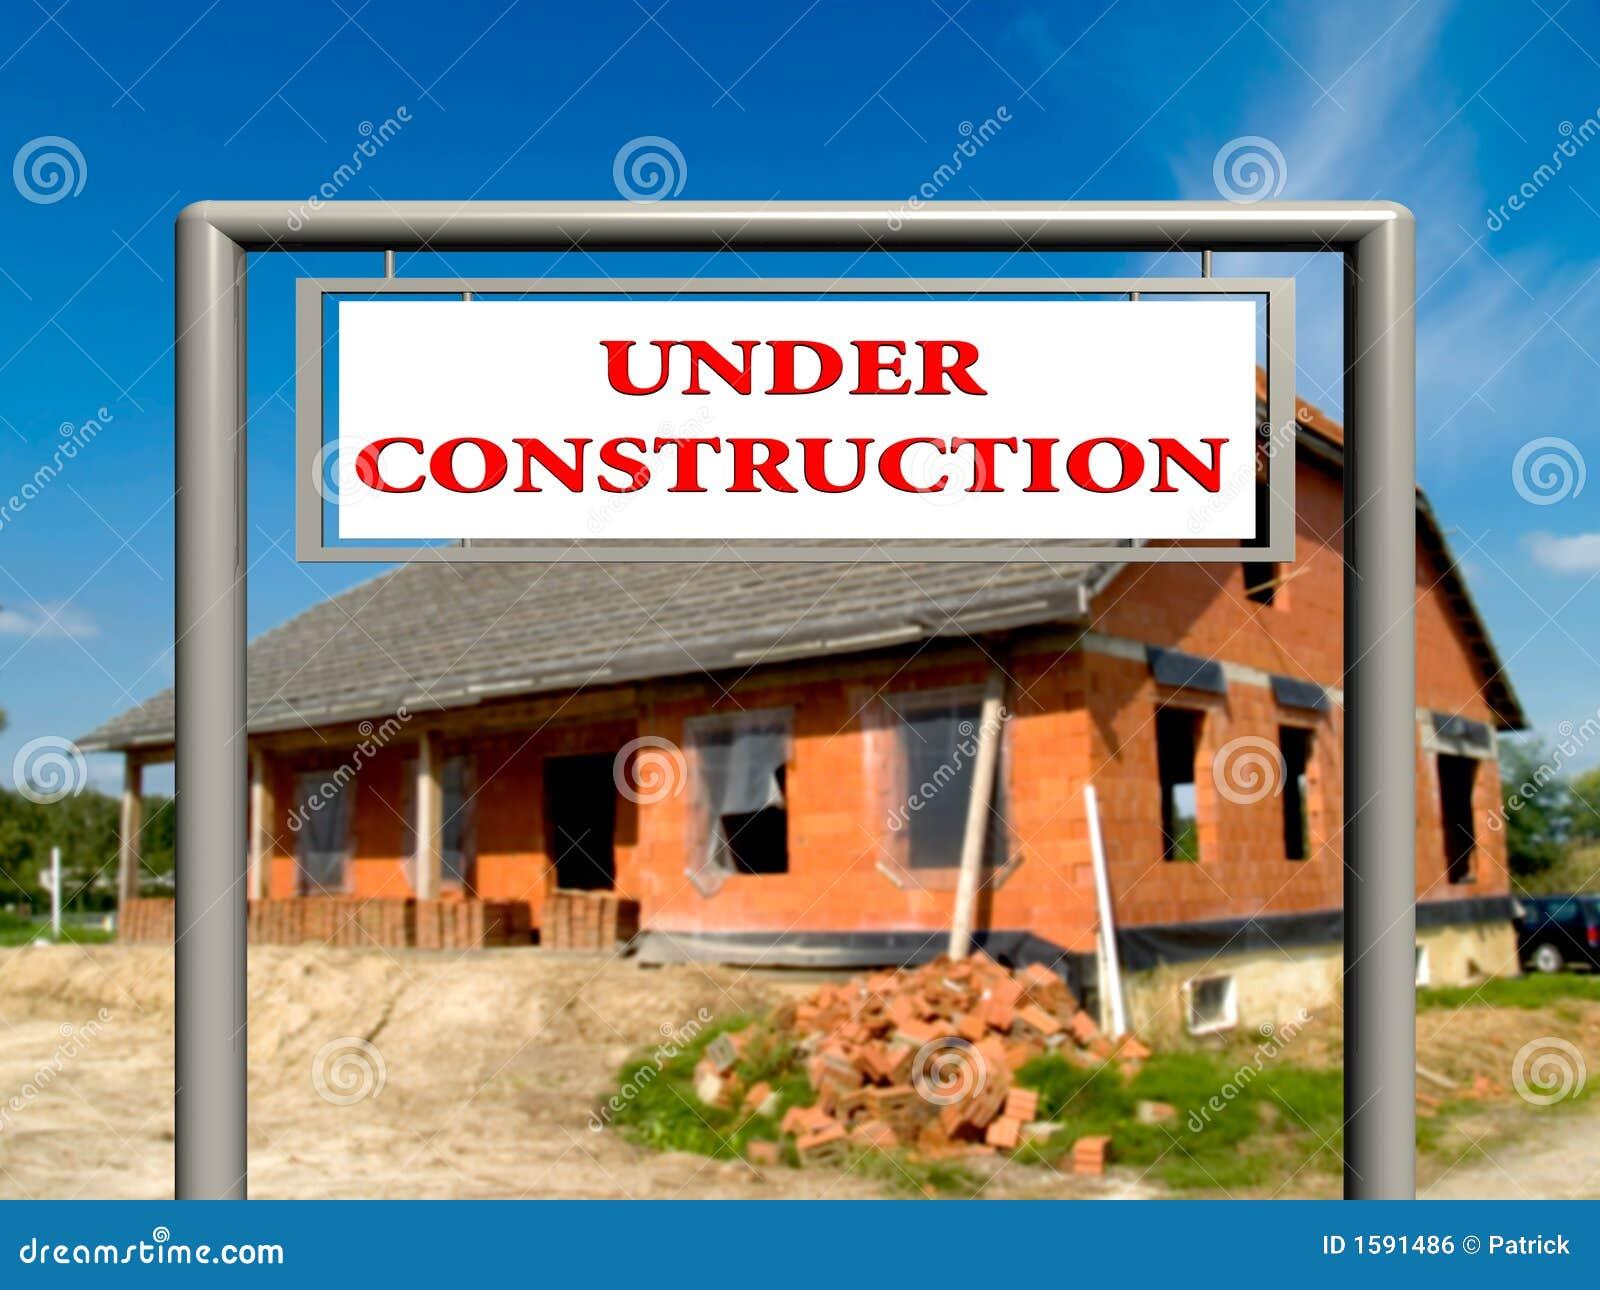 Prawdziwy znak budowy nieruchomości